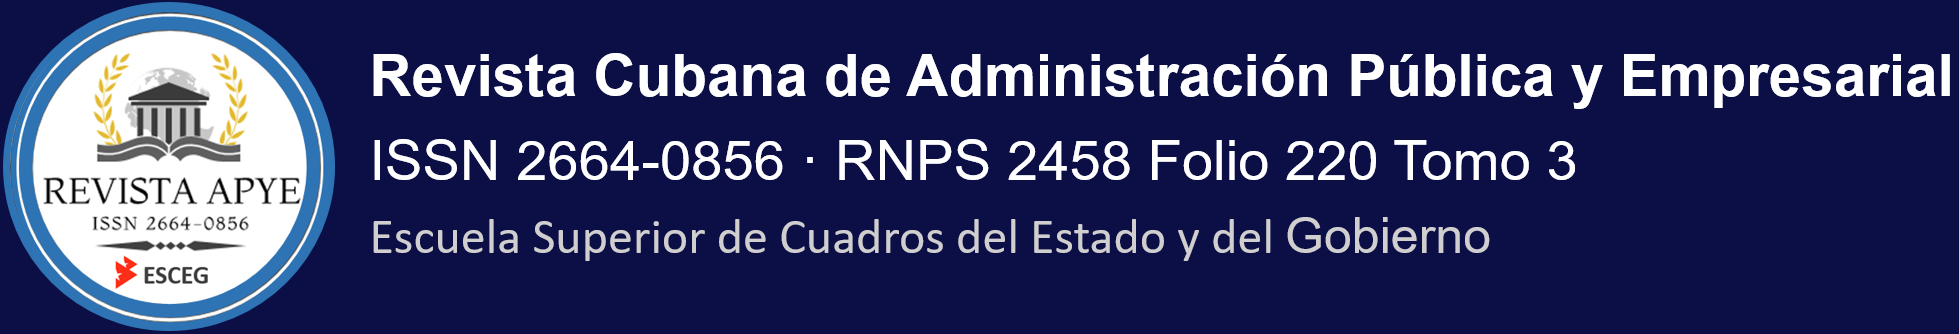 Revista Cubana de Administración Pública y Empresarial